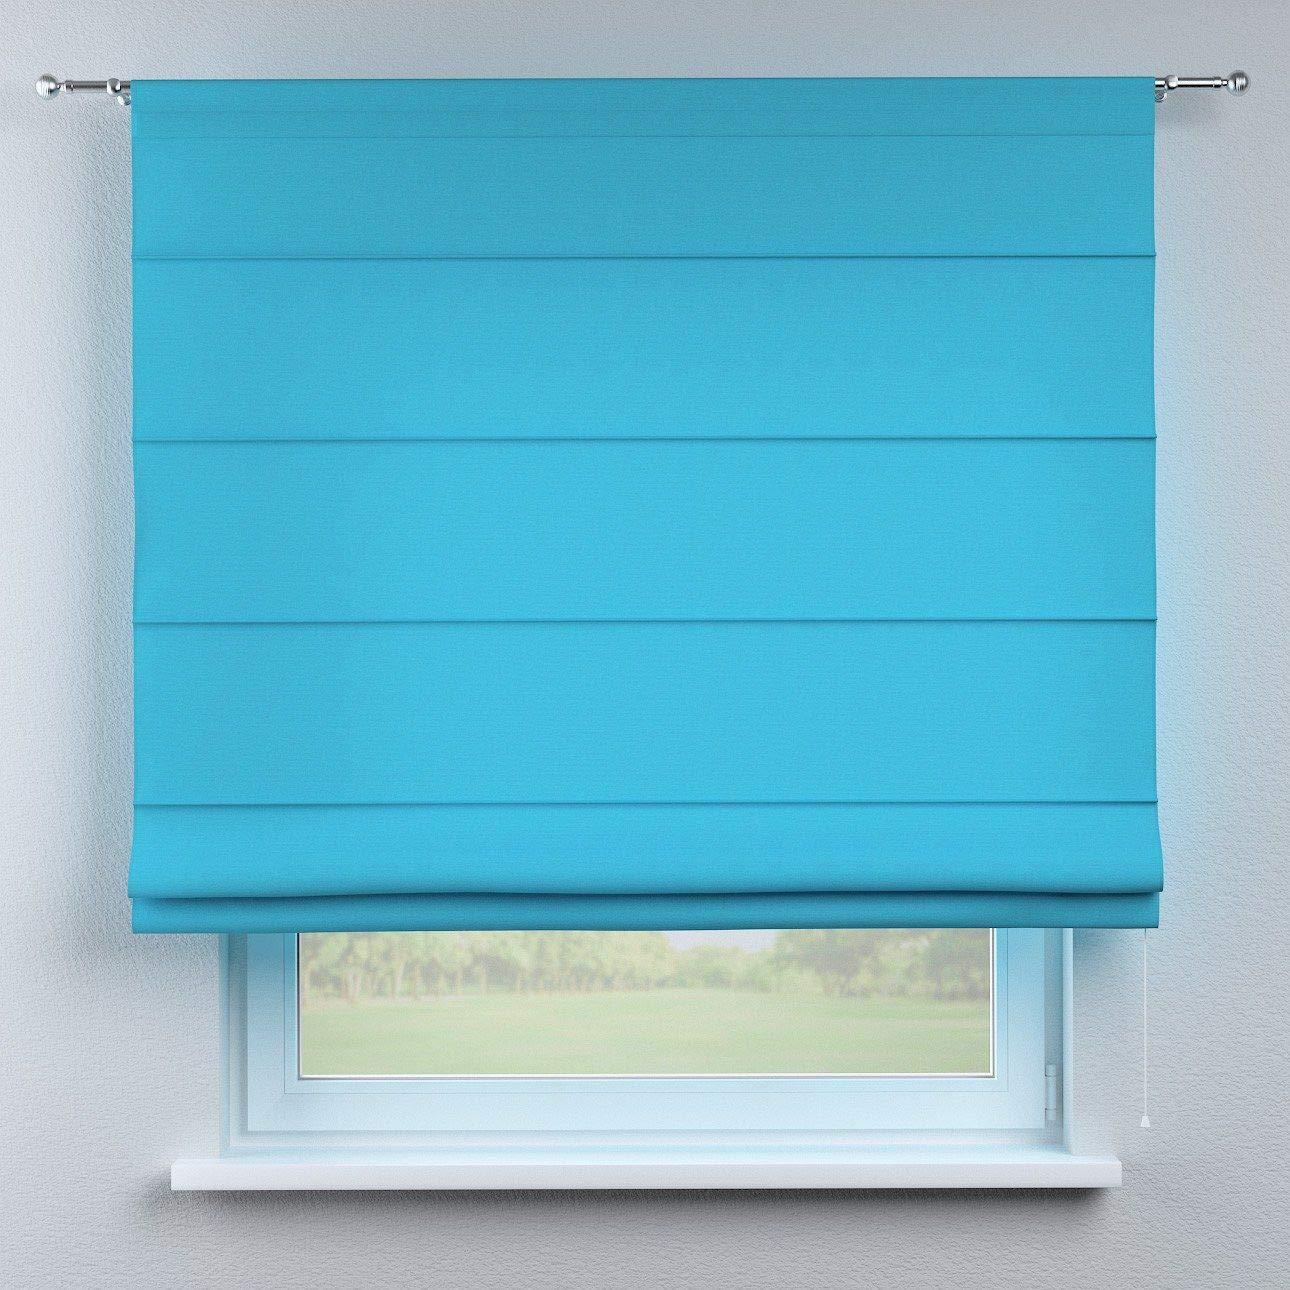 Dekoria Raffrollo Torino ohne Bohren Blickdicht Faltvorhang Raffgardine Wohnzimmer Schlafzimmer Kinderzimmer 130 × 170 cm azurblau Raffrollos auf Maß maßanfertigung möglich